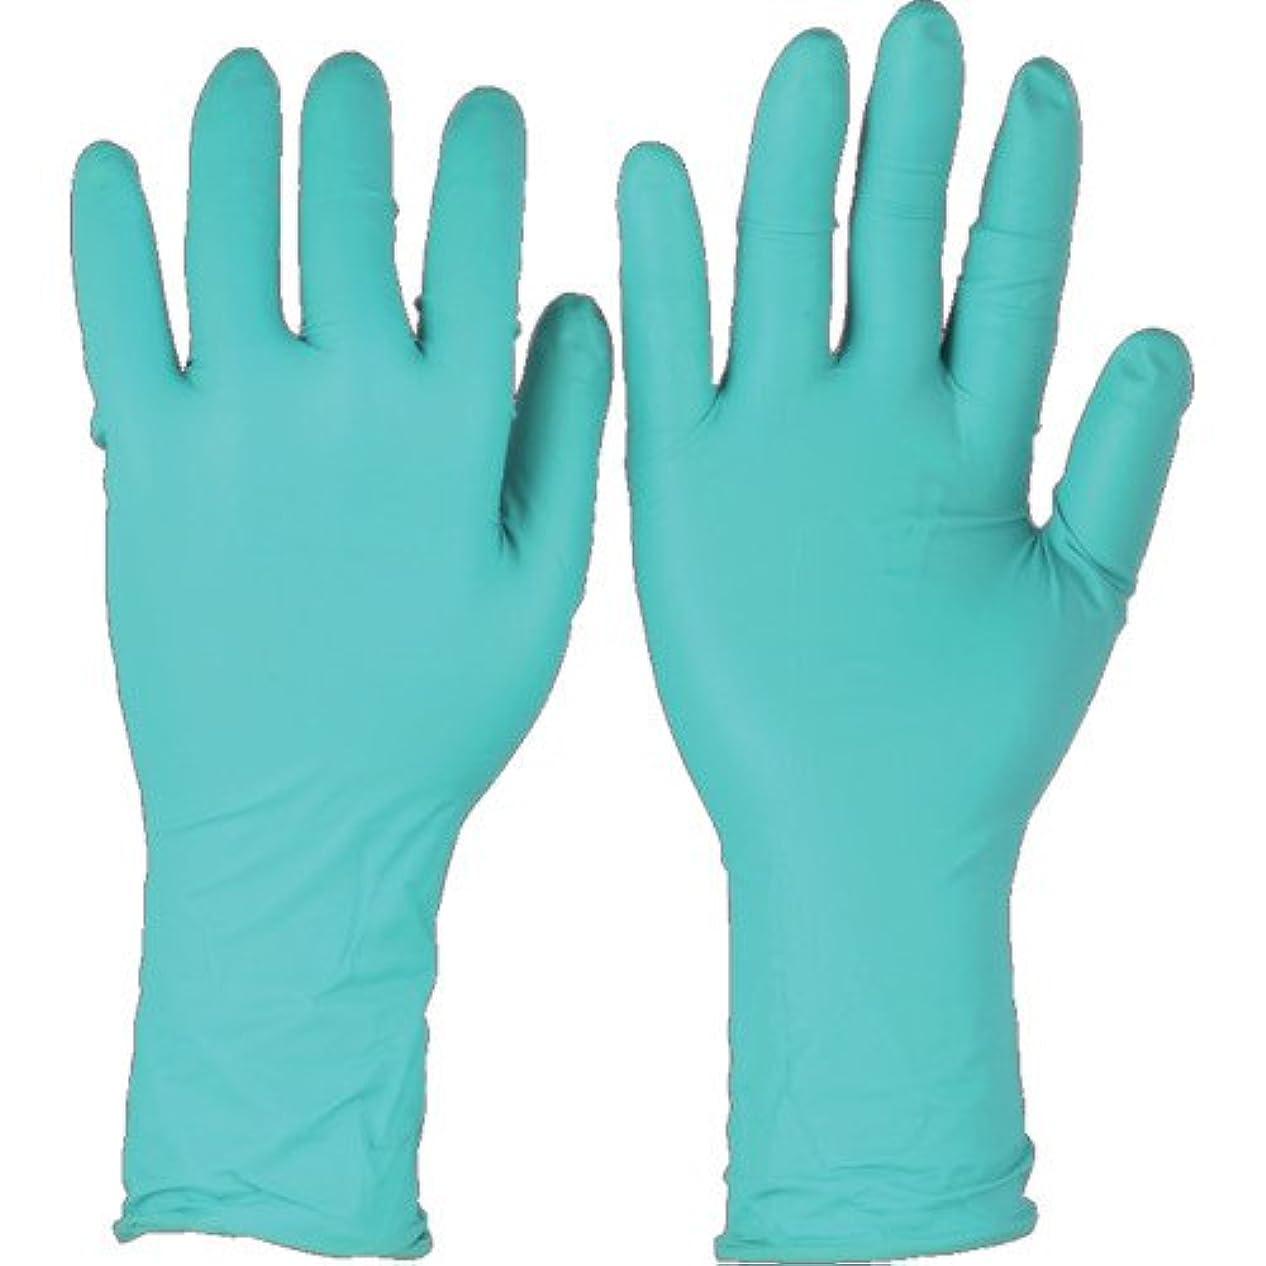 いわゆるリズム探検トラスコ中山 アンセル ネオプレンゴム使い捨て手袋 マイクロフレックス 93-260 XXLサイズ (50枚入)  9326011